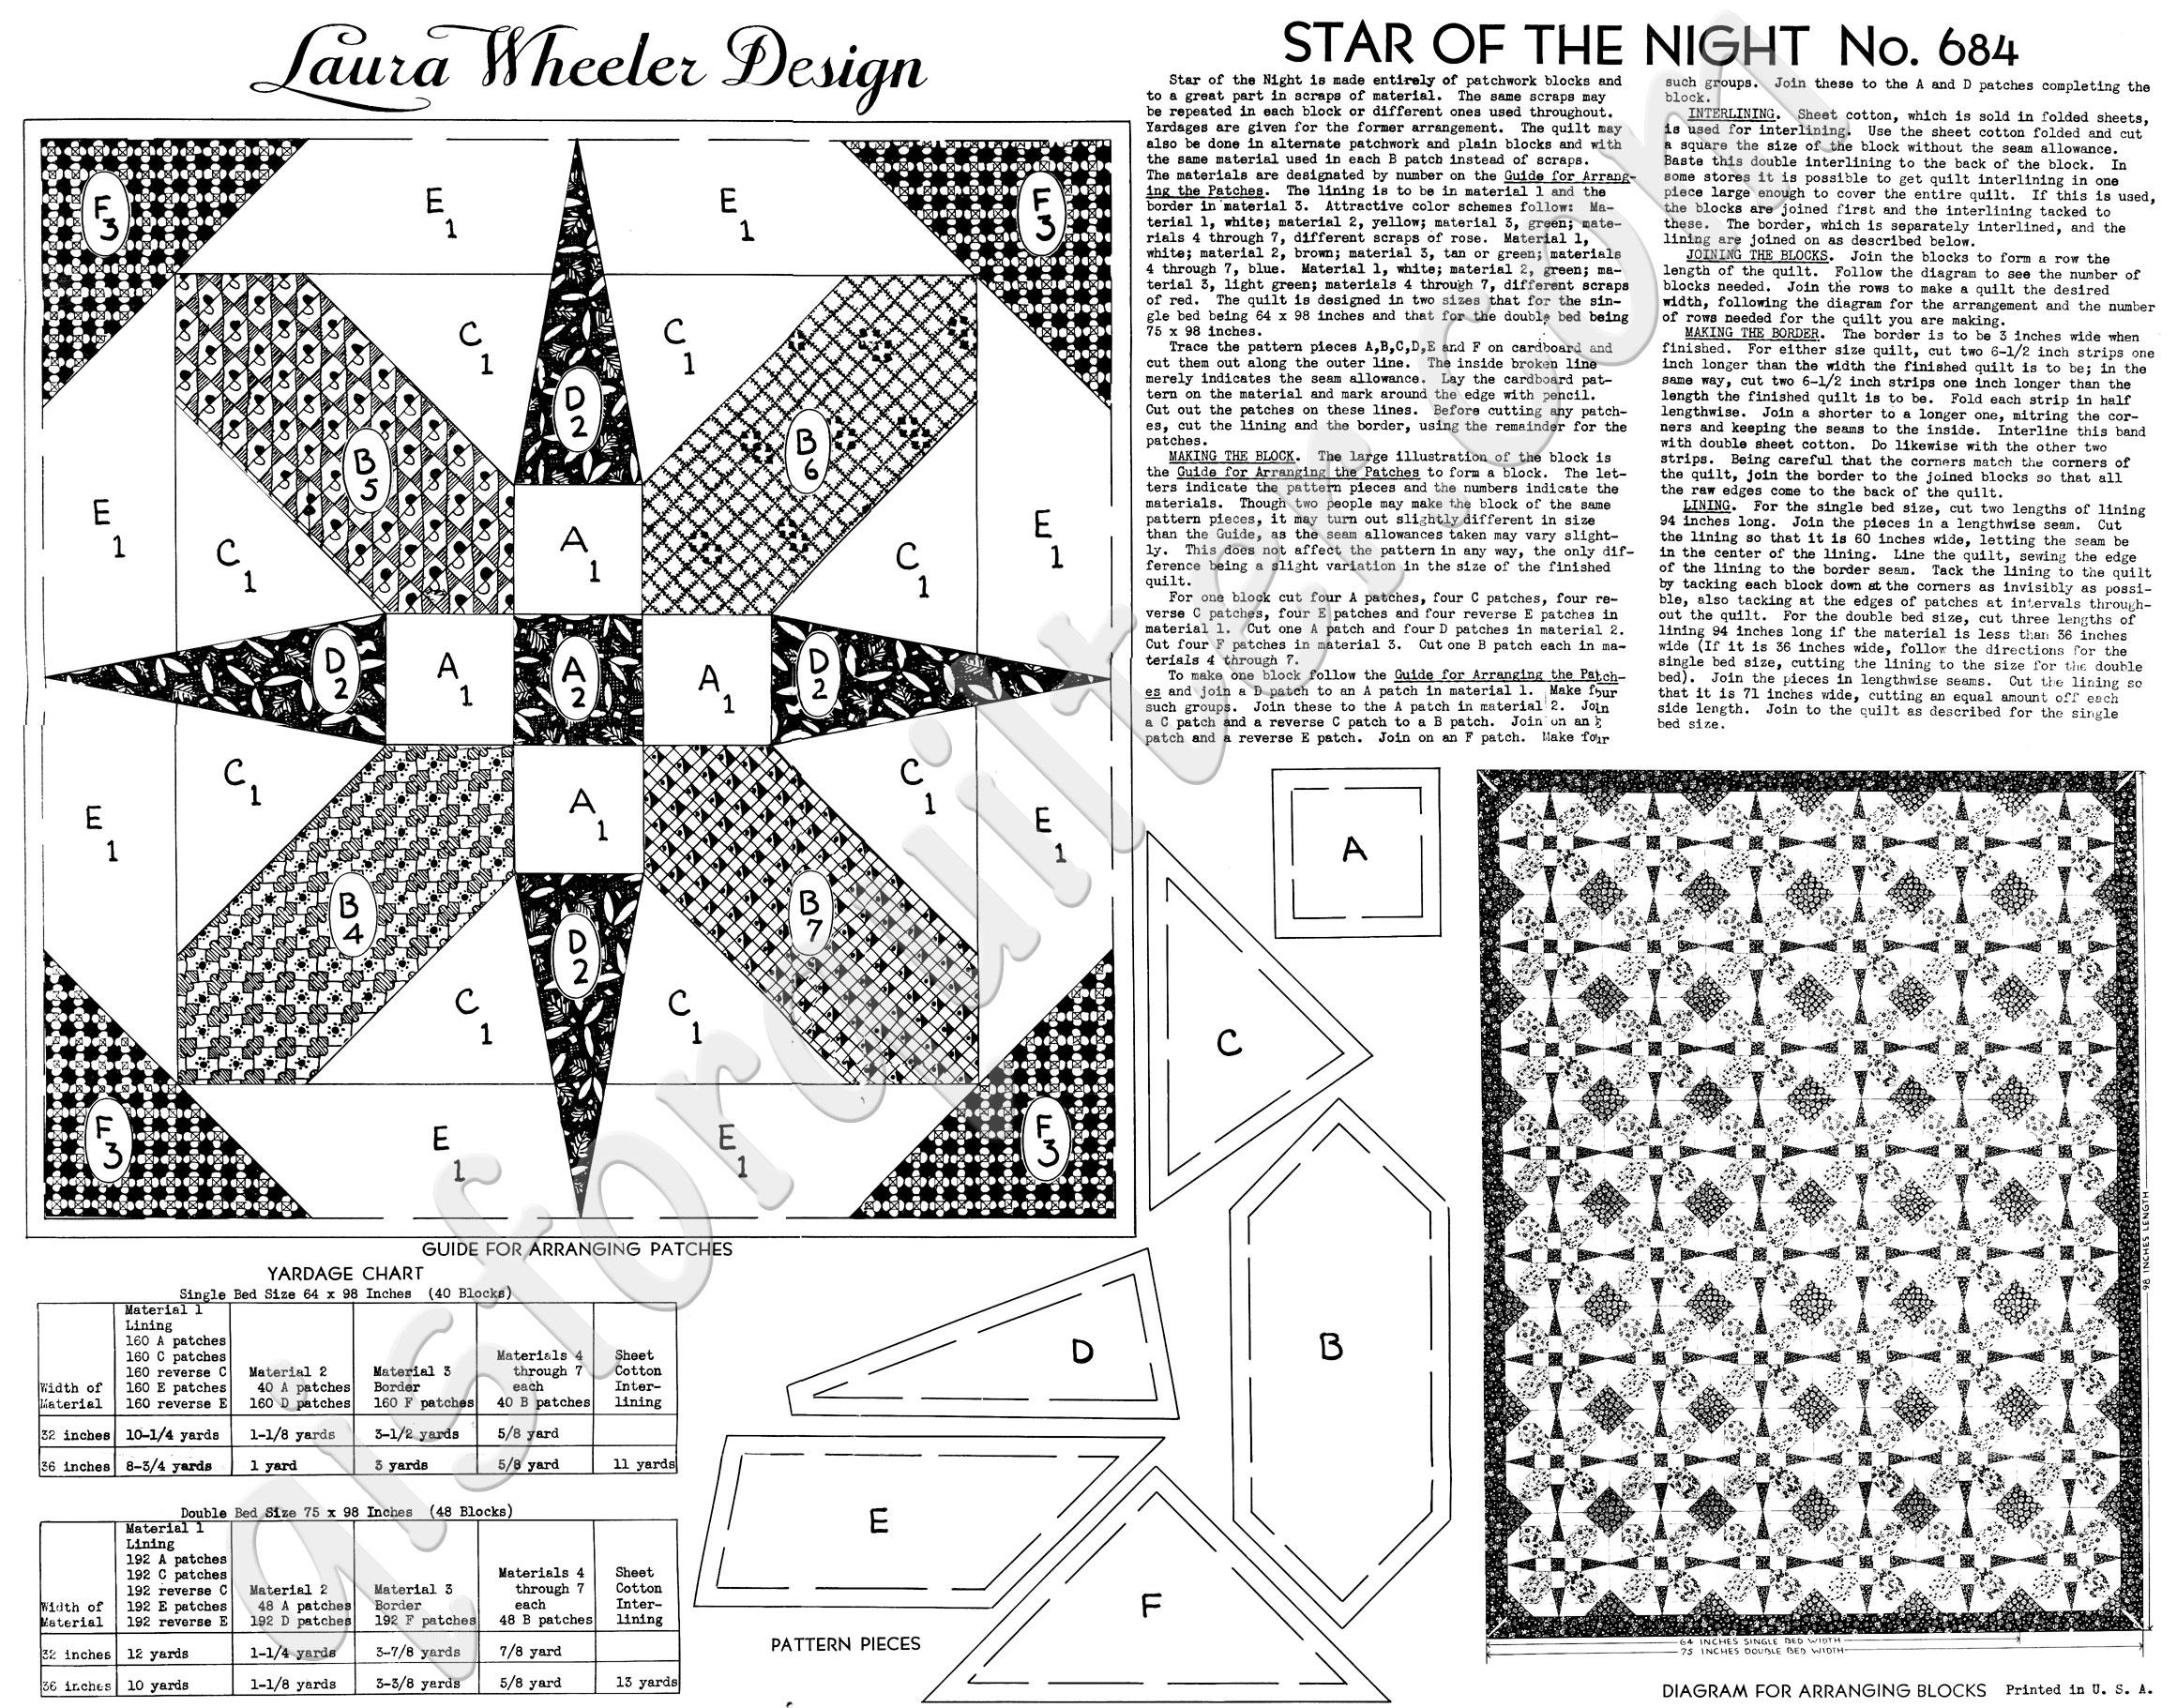 LauraWheeler-Star-of-the-Night